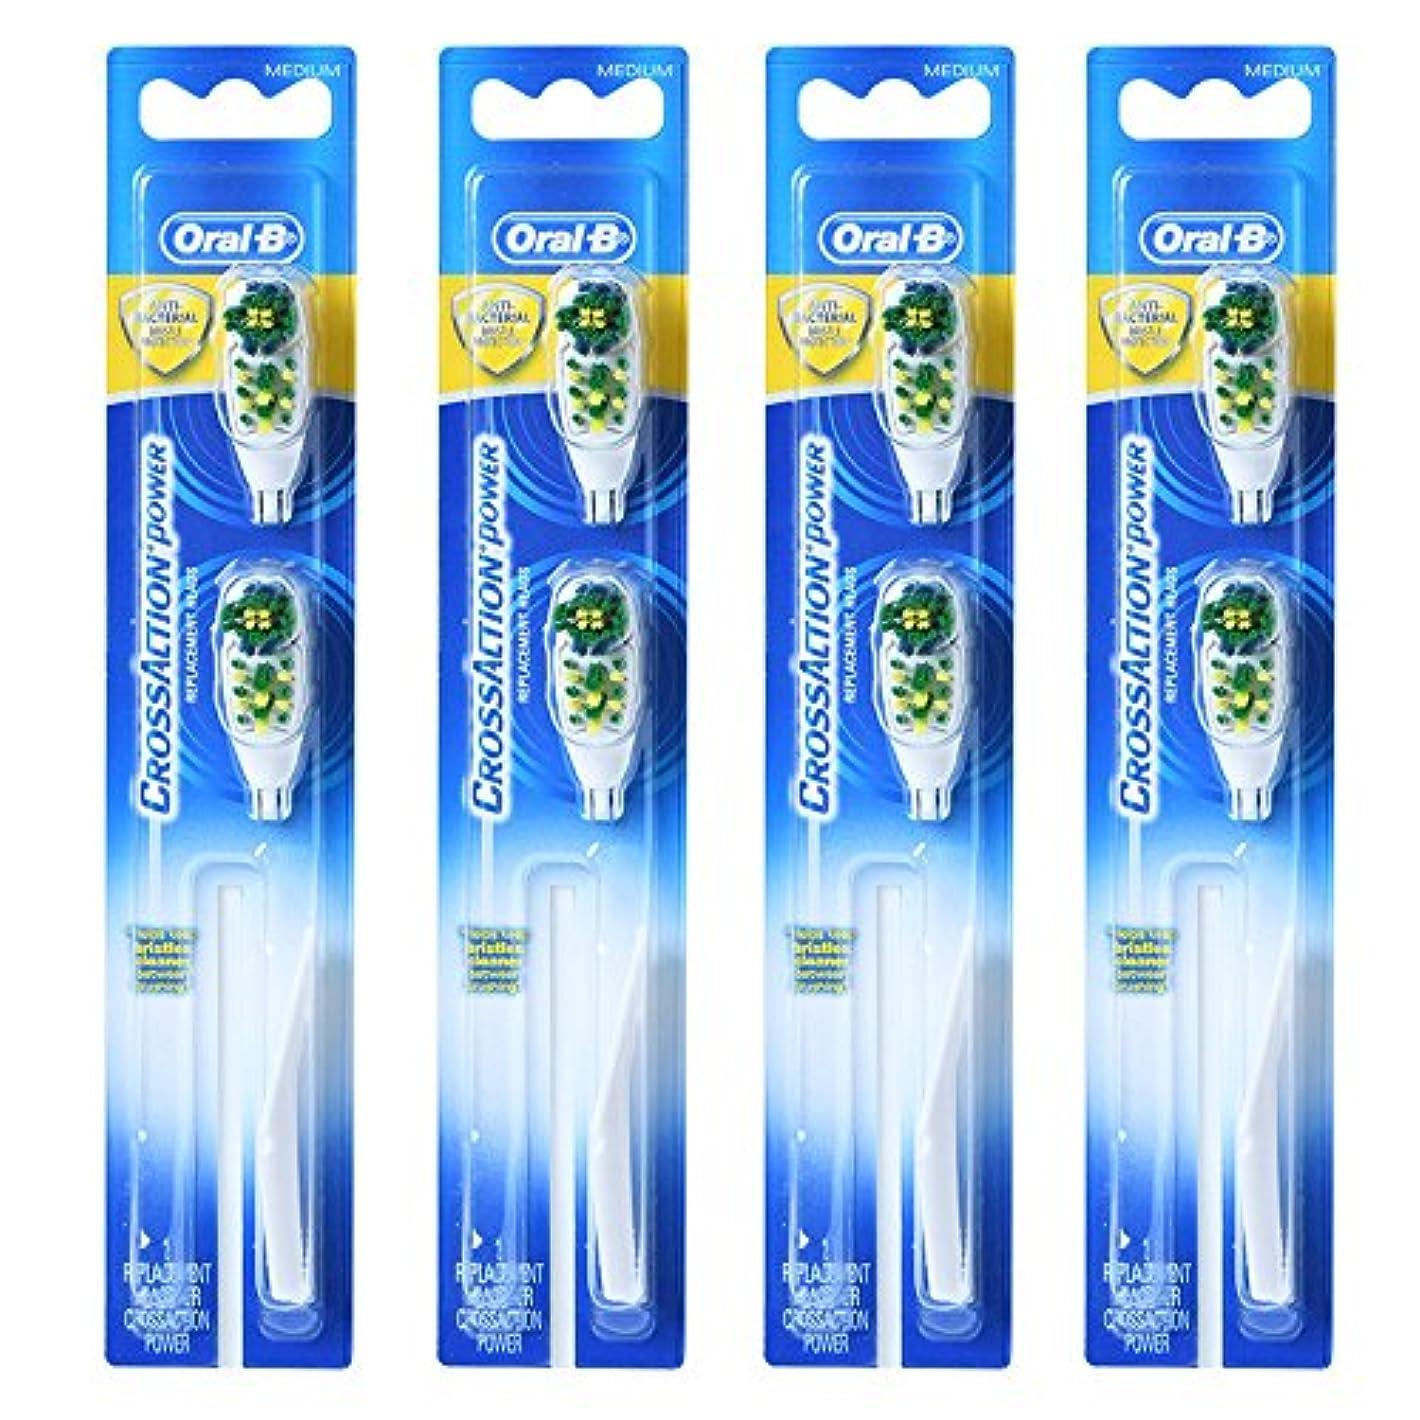 ペンス実現可能性政府Braun Oral-B CrossAction Power 交換用ブラシヘッド Medium 4 pack [並行輸入品]